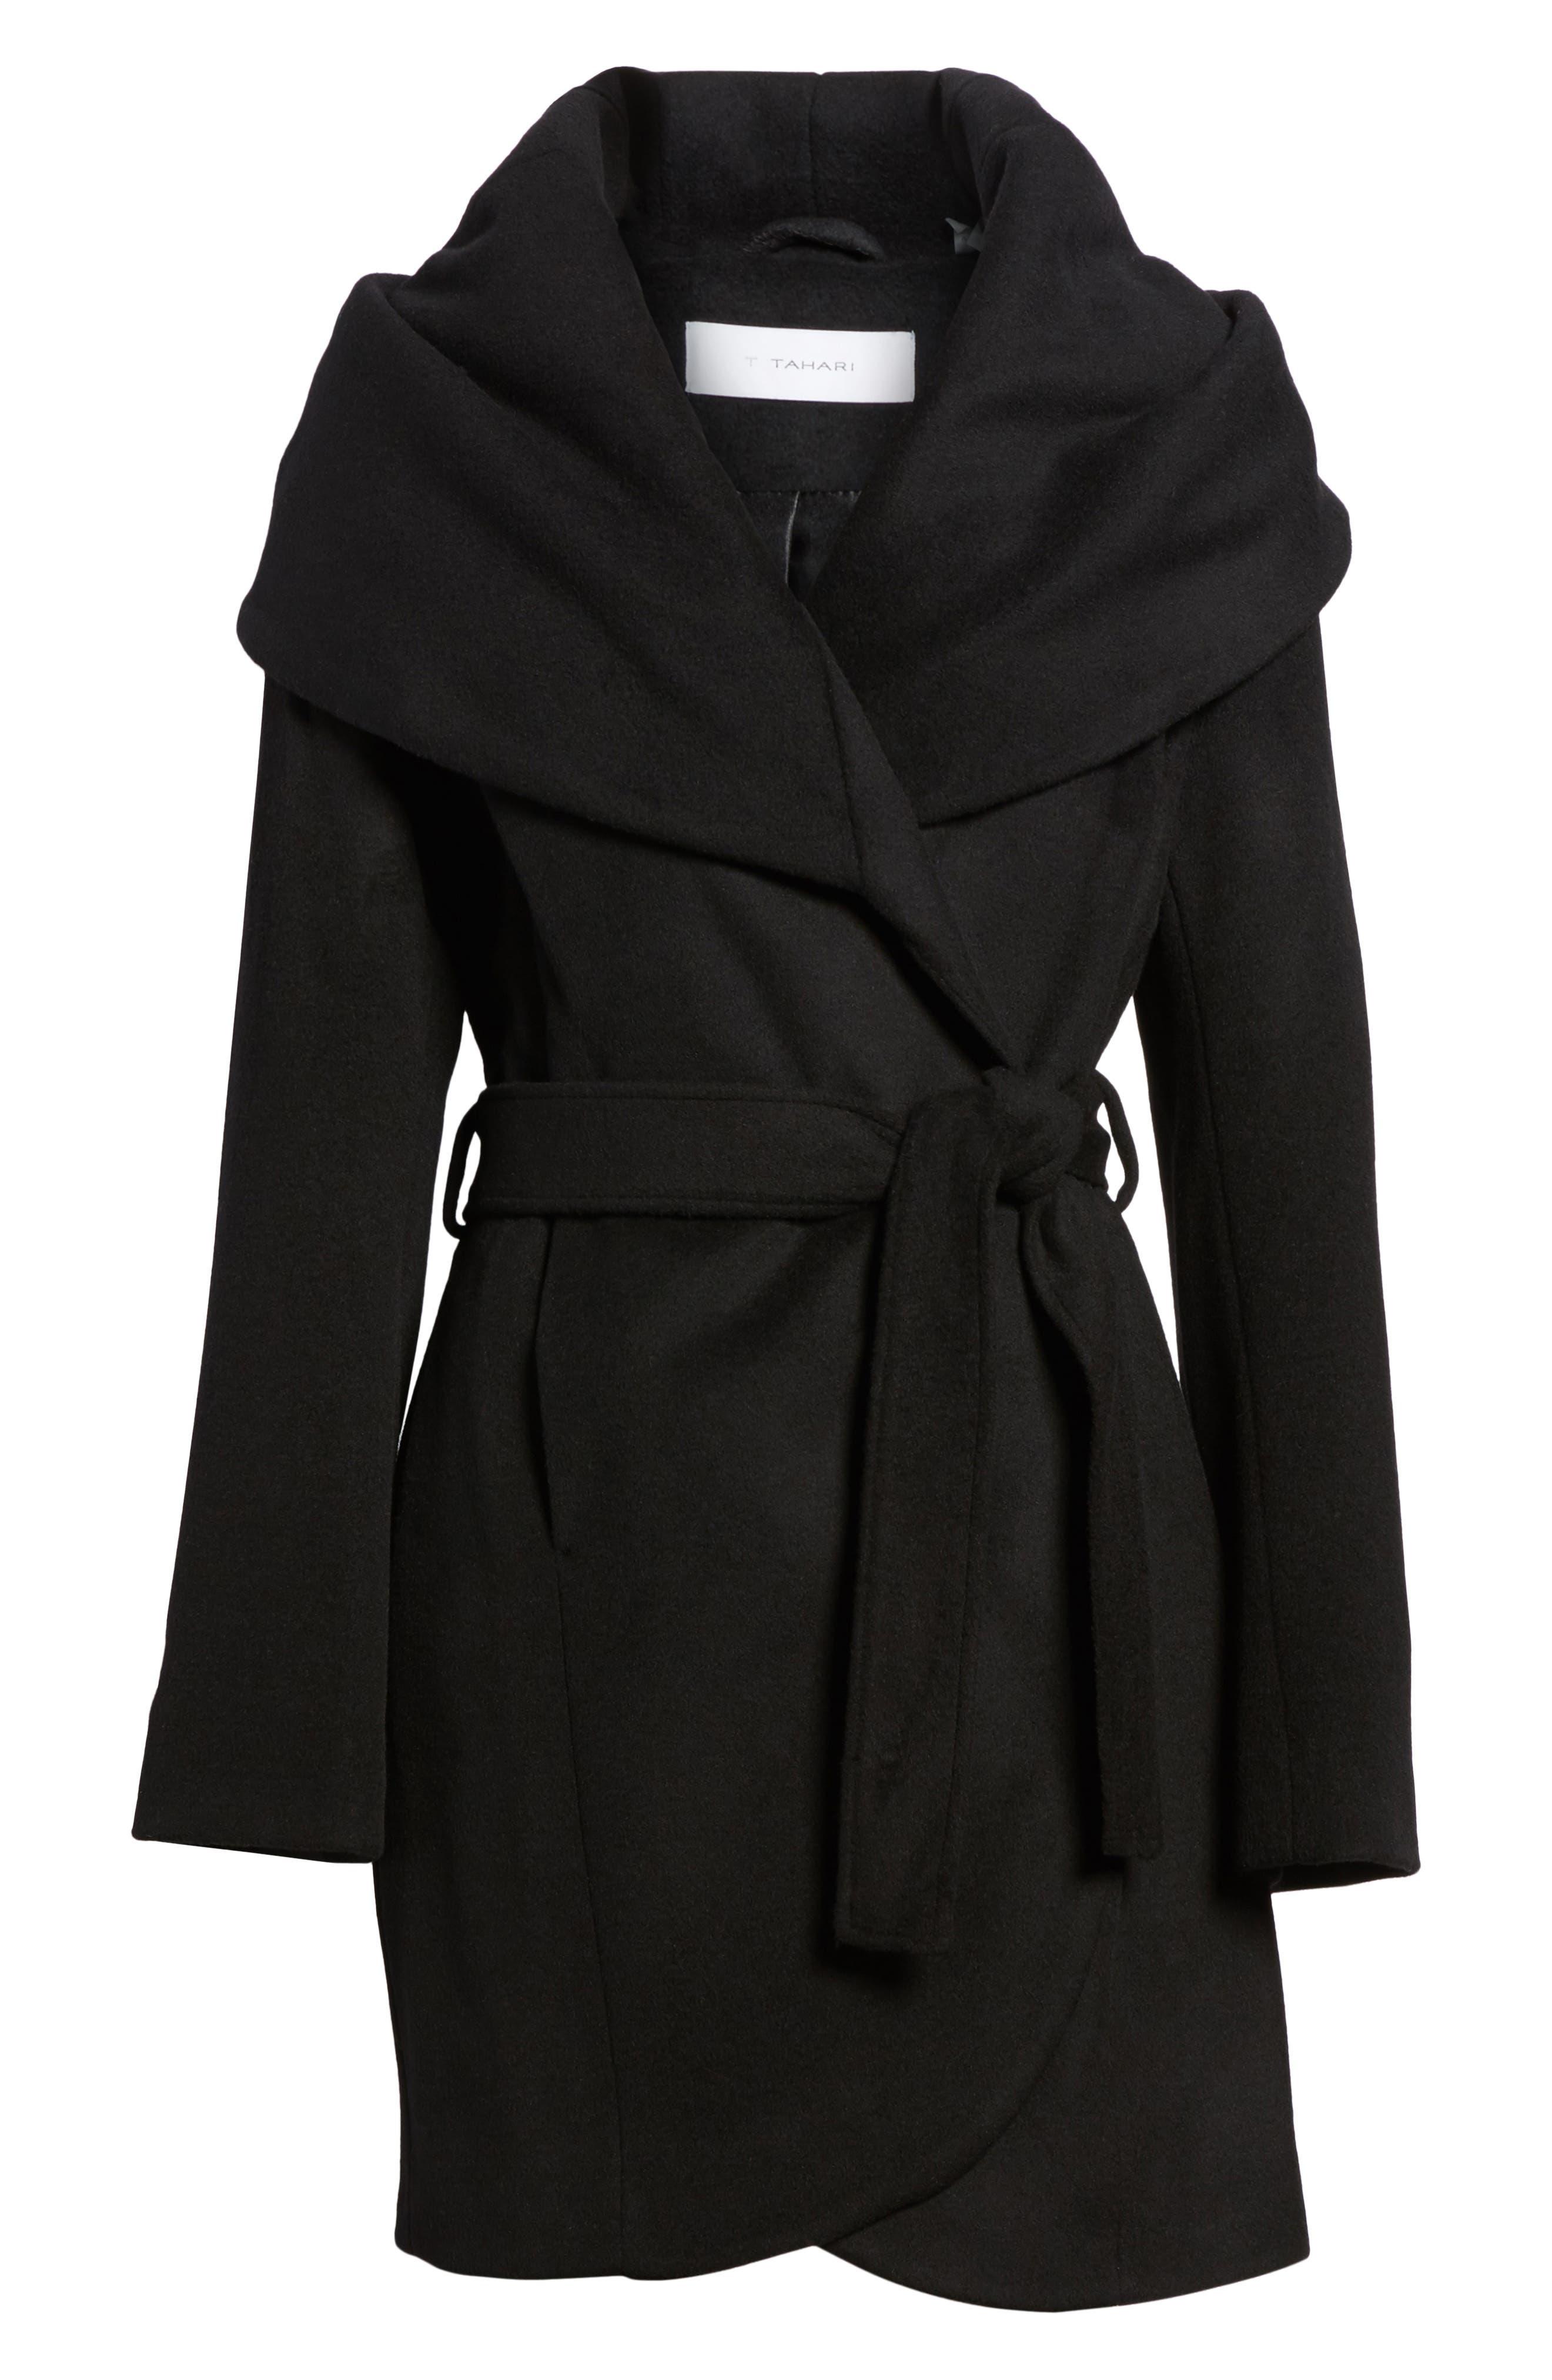 T Tahari Wool Blend Belted Wrap Coat,                             Main thumbnail 1, color,                             BLACK